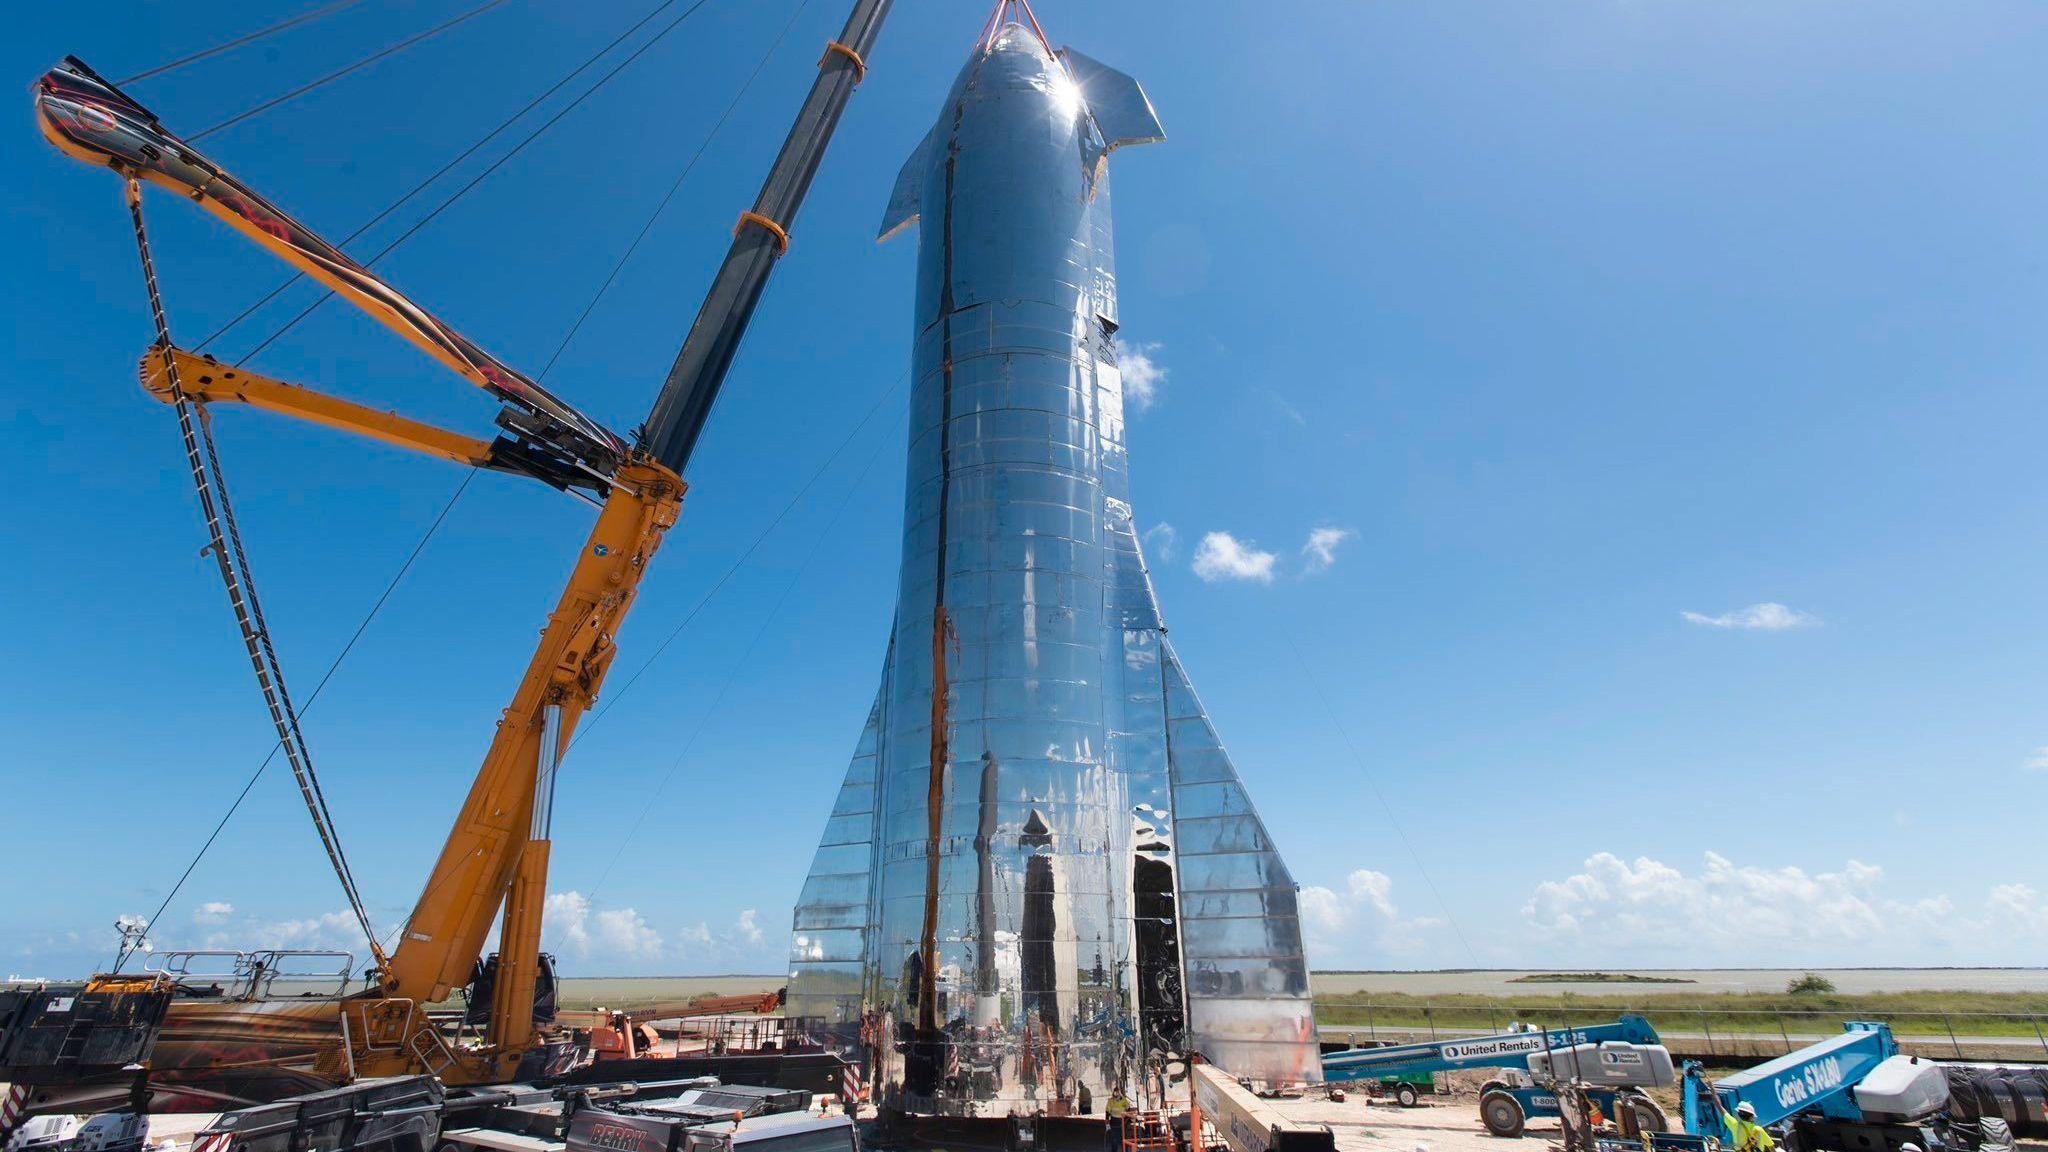 Her er fartøyet Elon Musk vil sende deg til Mars i